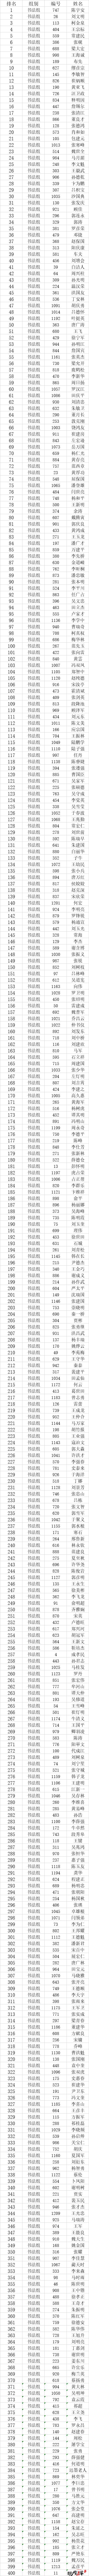 """【华夏名人杯·决赛入围名单】2020年""""华夏名人杯""""全国书画艺术大赛决赛入围名单-第1张"""